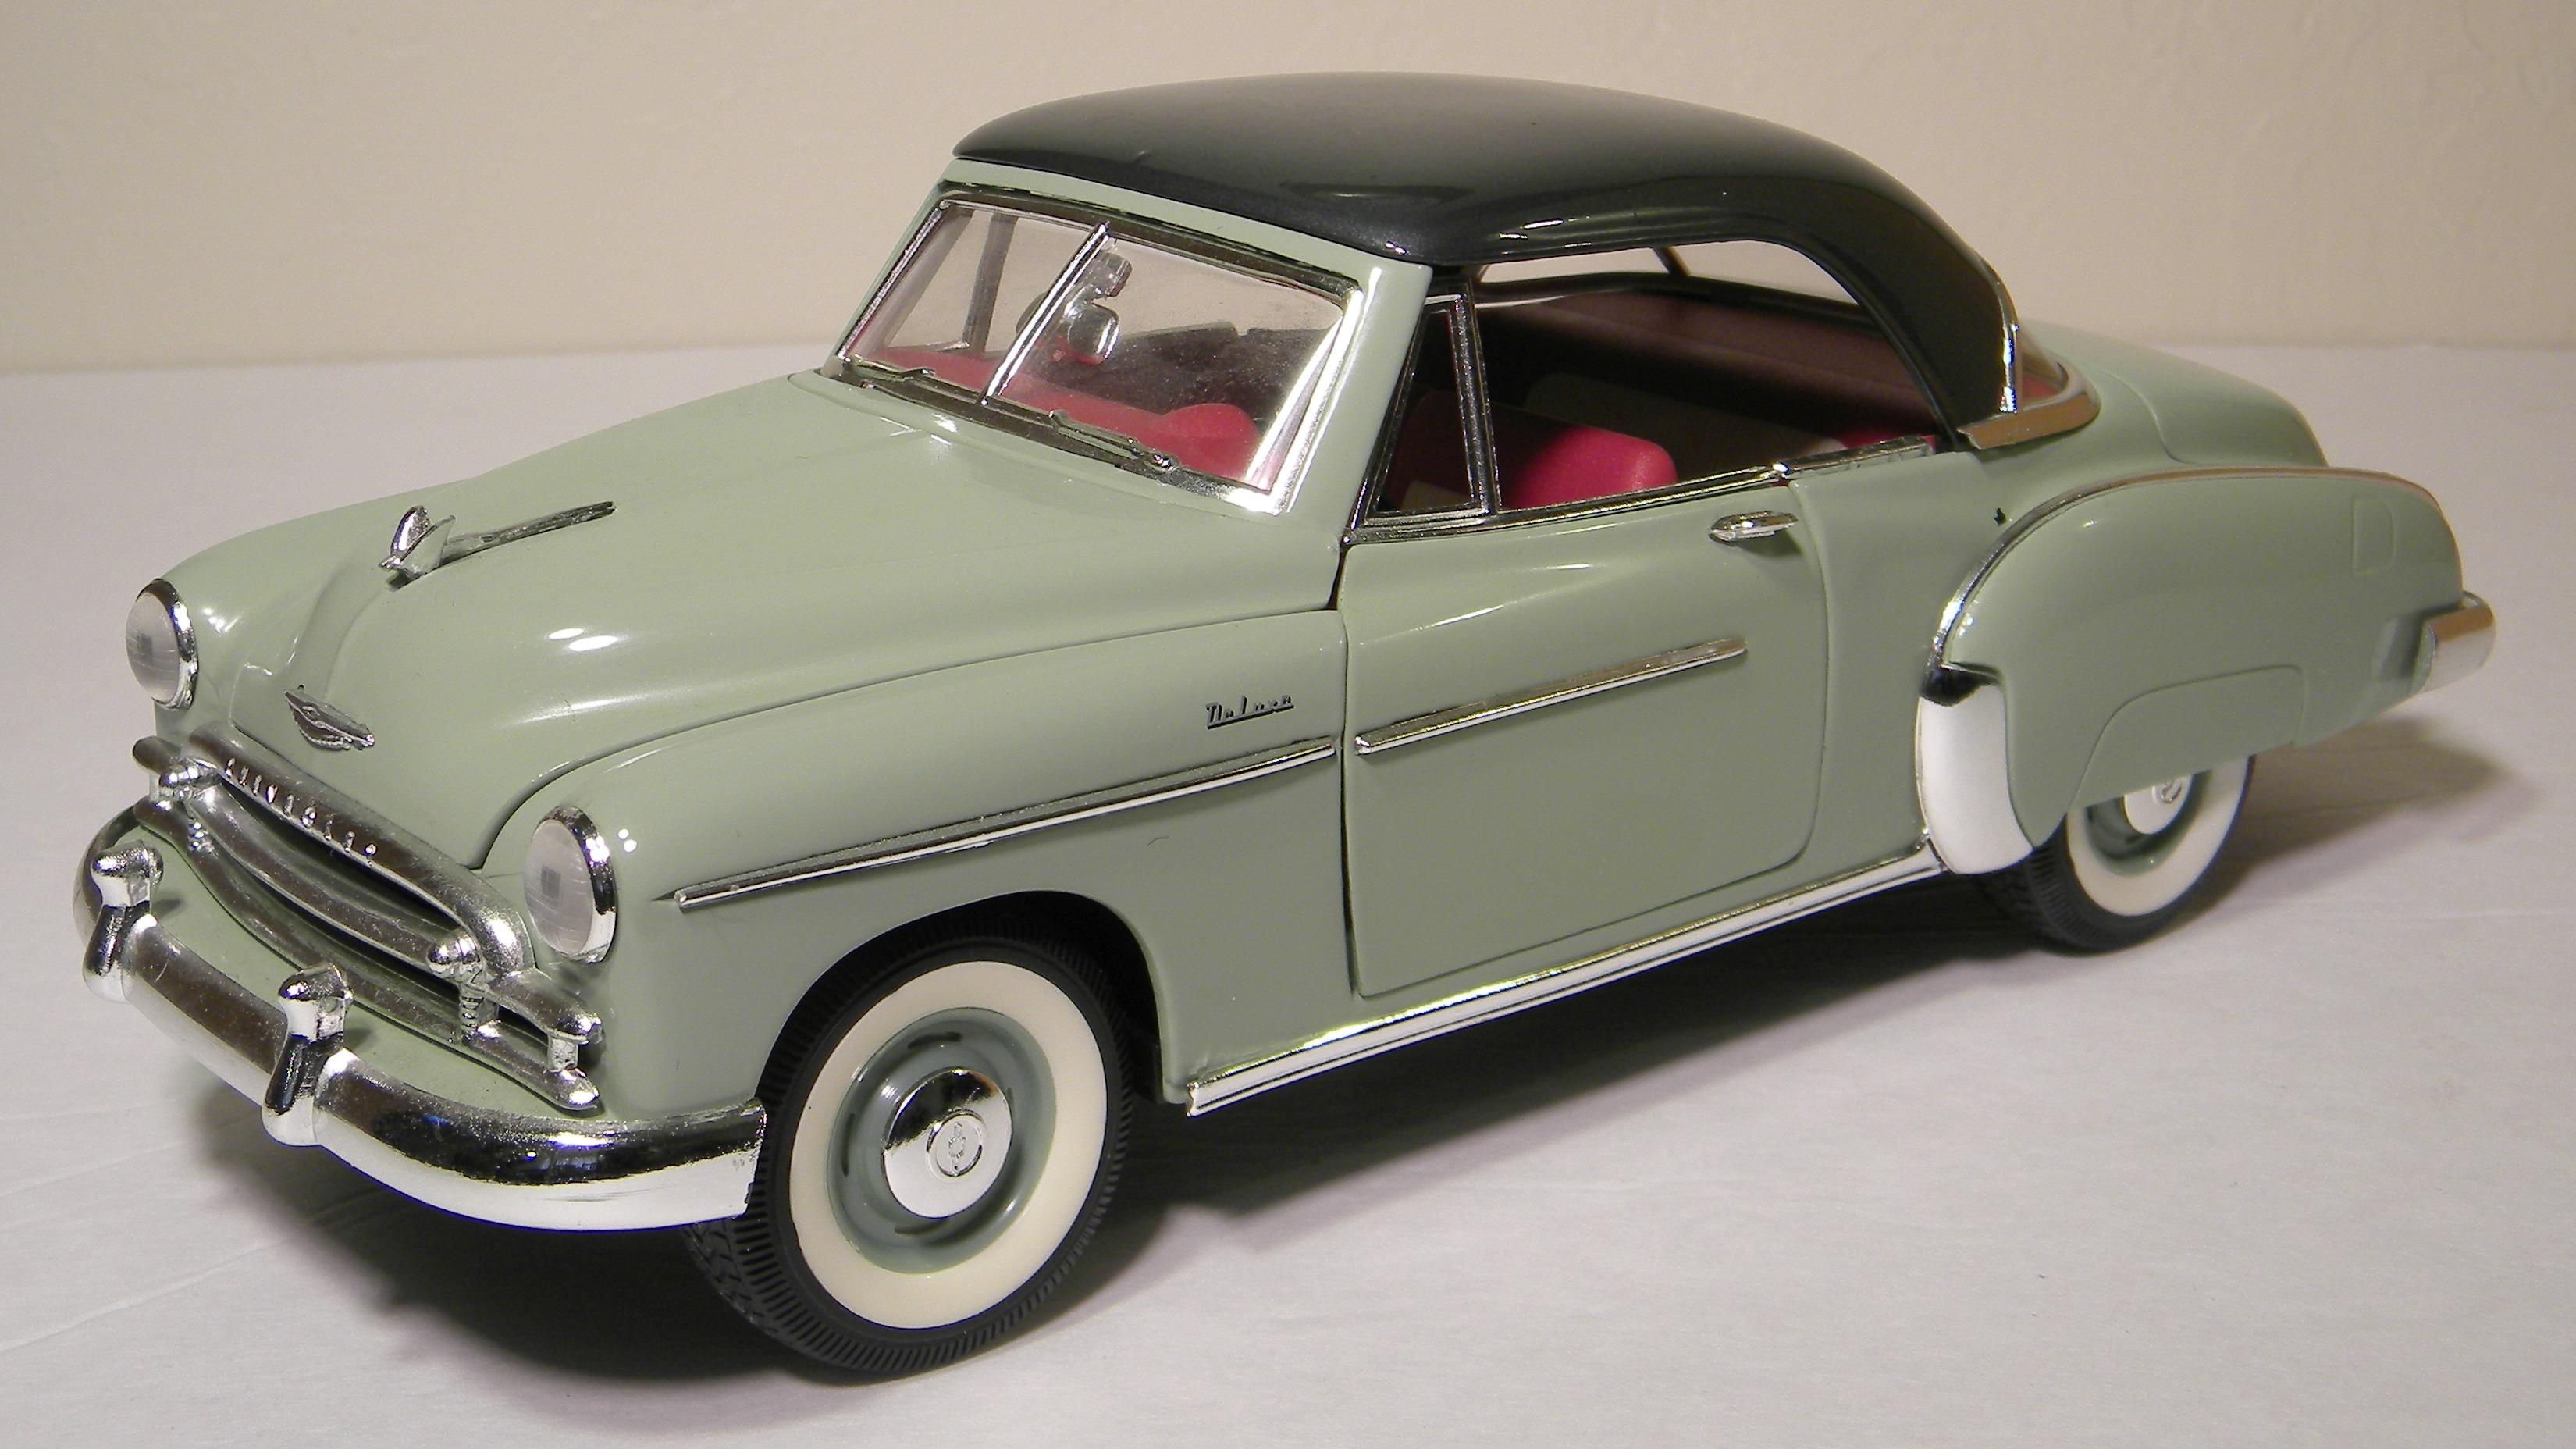 1950 chevrolet 2 door hardtop solido 1 18th scale for 1950 chevy 2 door hardtop